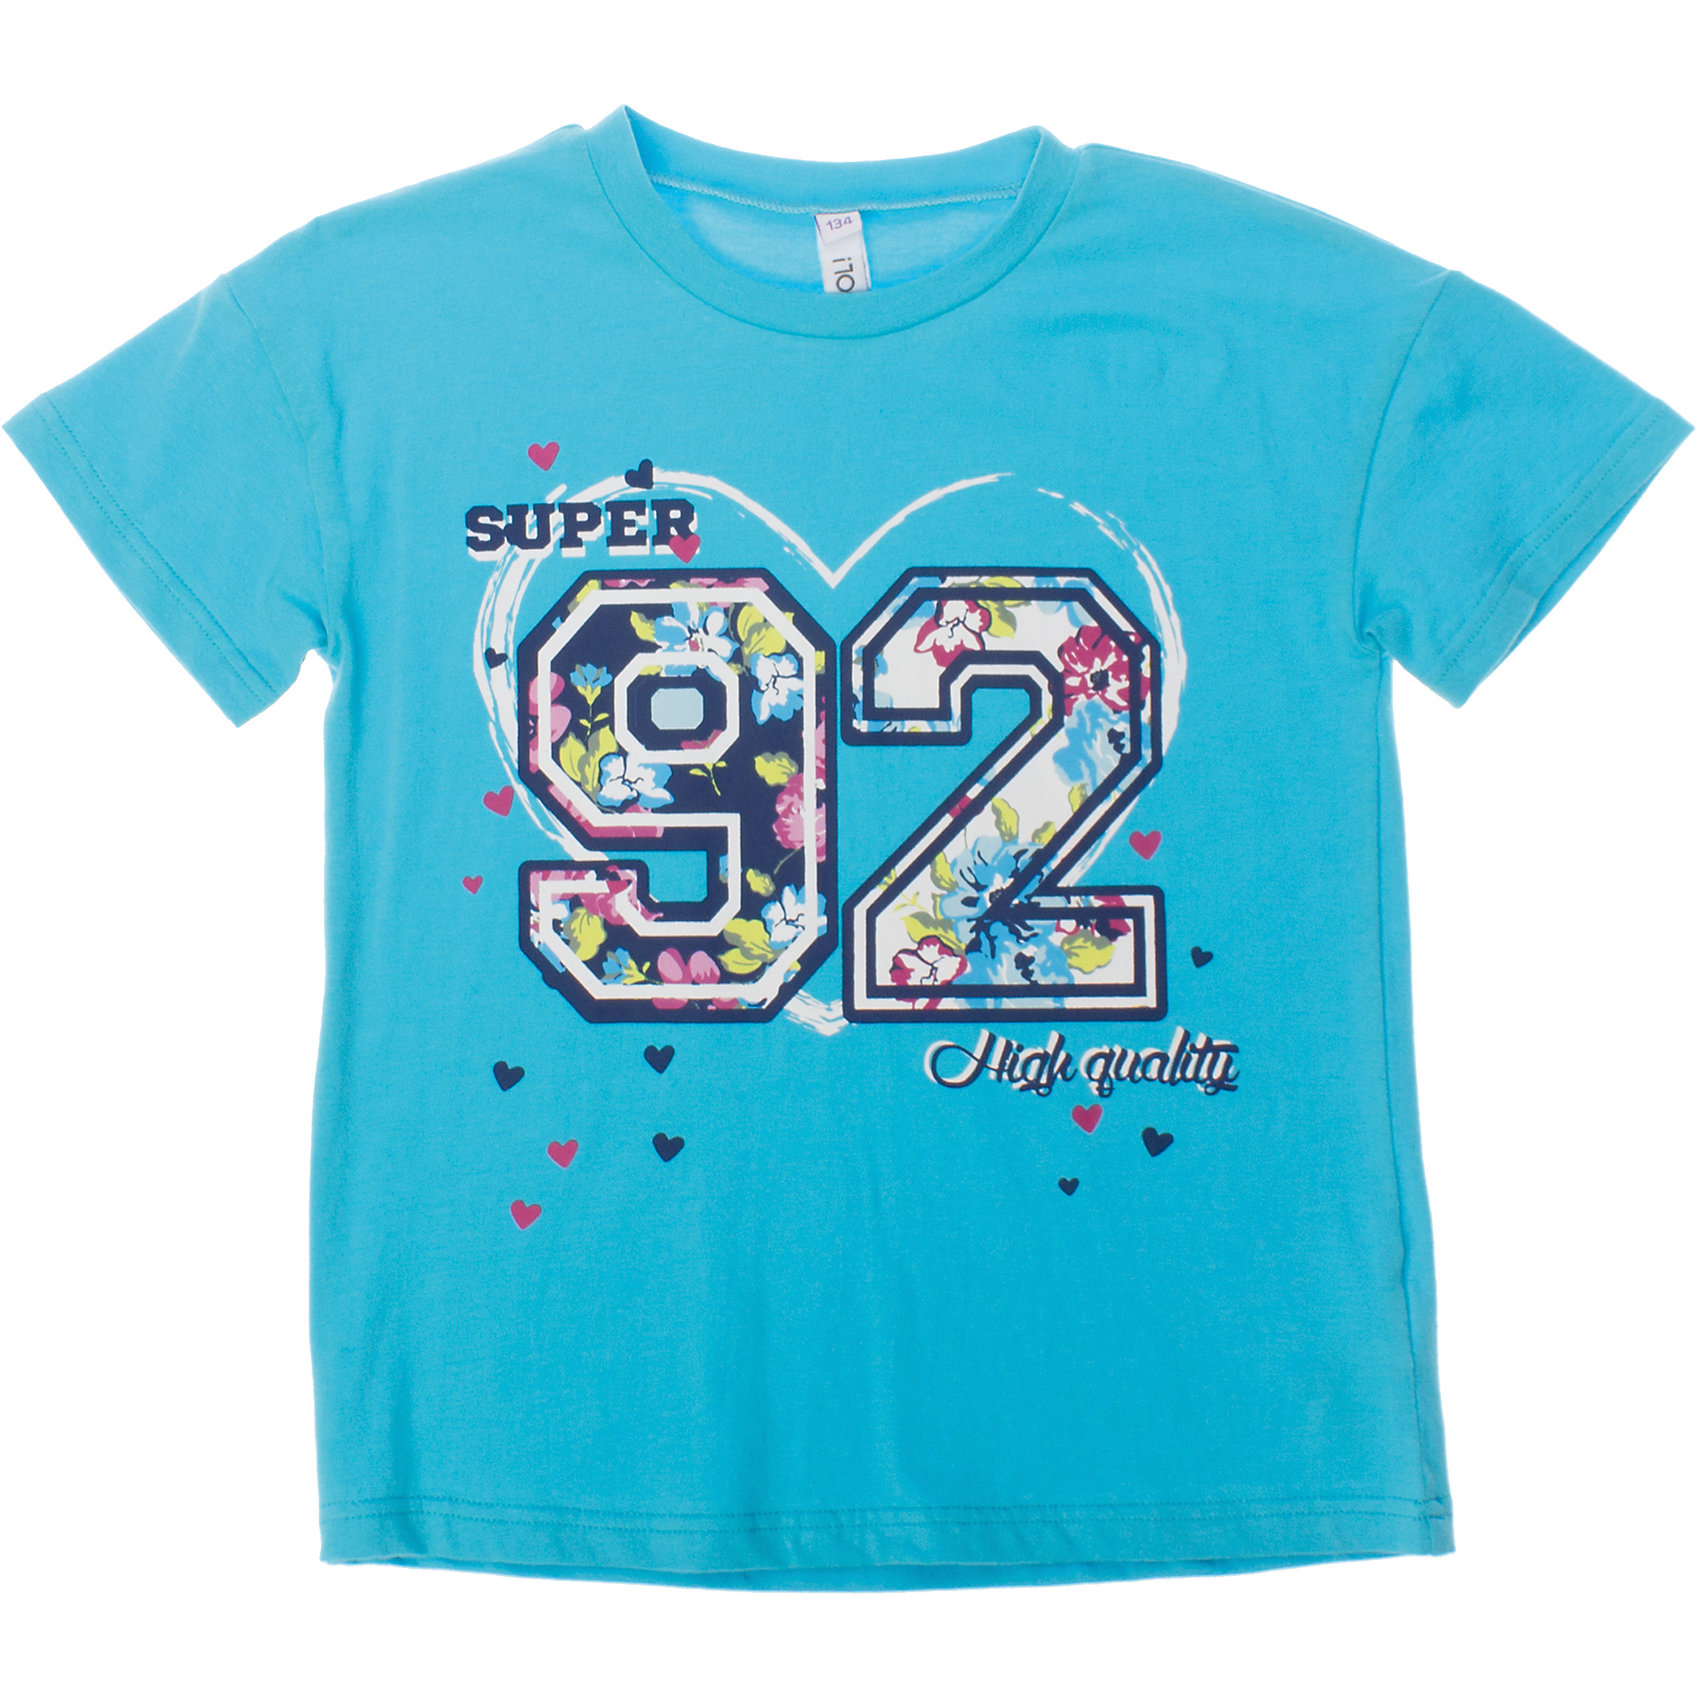 Футболка для девочки ScoolФутболки, поло и топы<br>Мягкая укороченная футболка для жаркого лета. Украшена резиновым принтом с цветочным узором. Состав: 95% хлопок, 5% эластан<br><br>Ширина мм: 199<br>Глубина мм: 10<br>Высота мм: 161<br>Вес г: 151<br>Цвет: голубой<br>Возраст от месяцев: 120<br>Возраст до месяцев: 132<br>Пол: Женский<br>Возраст: Детский<br>Размер: 146,140,134,152,164,158<br>SKU: 4652880